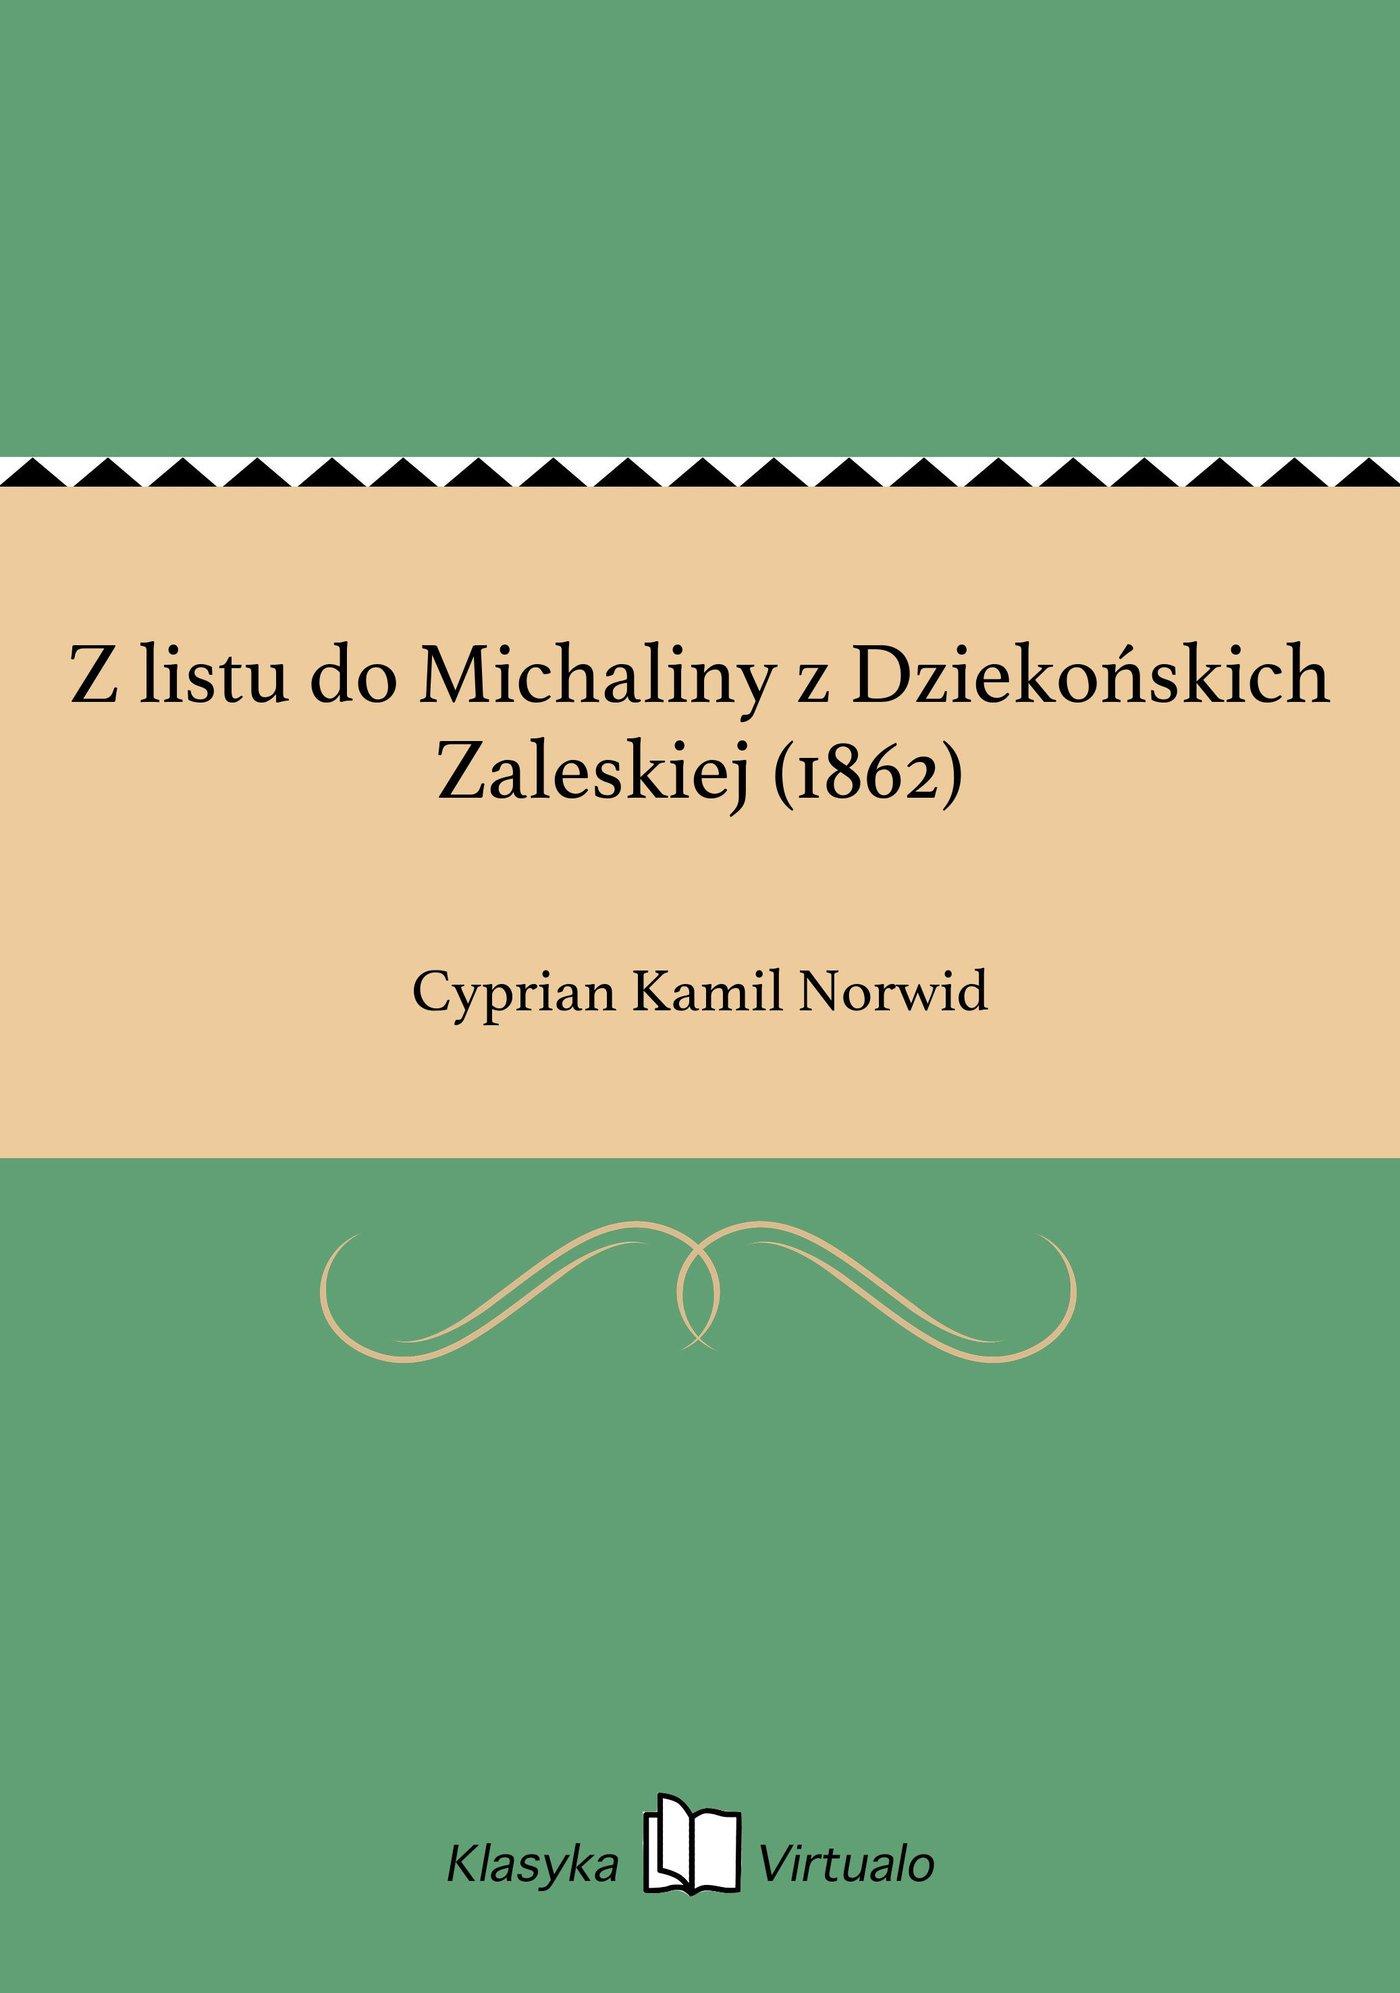 Z listu do Michaliny z Dziekońskich Zaleskiej (1862) - Ebook (Książka EPUB) do pobrania w formacie EPUB